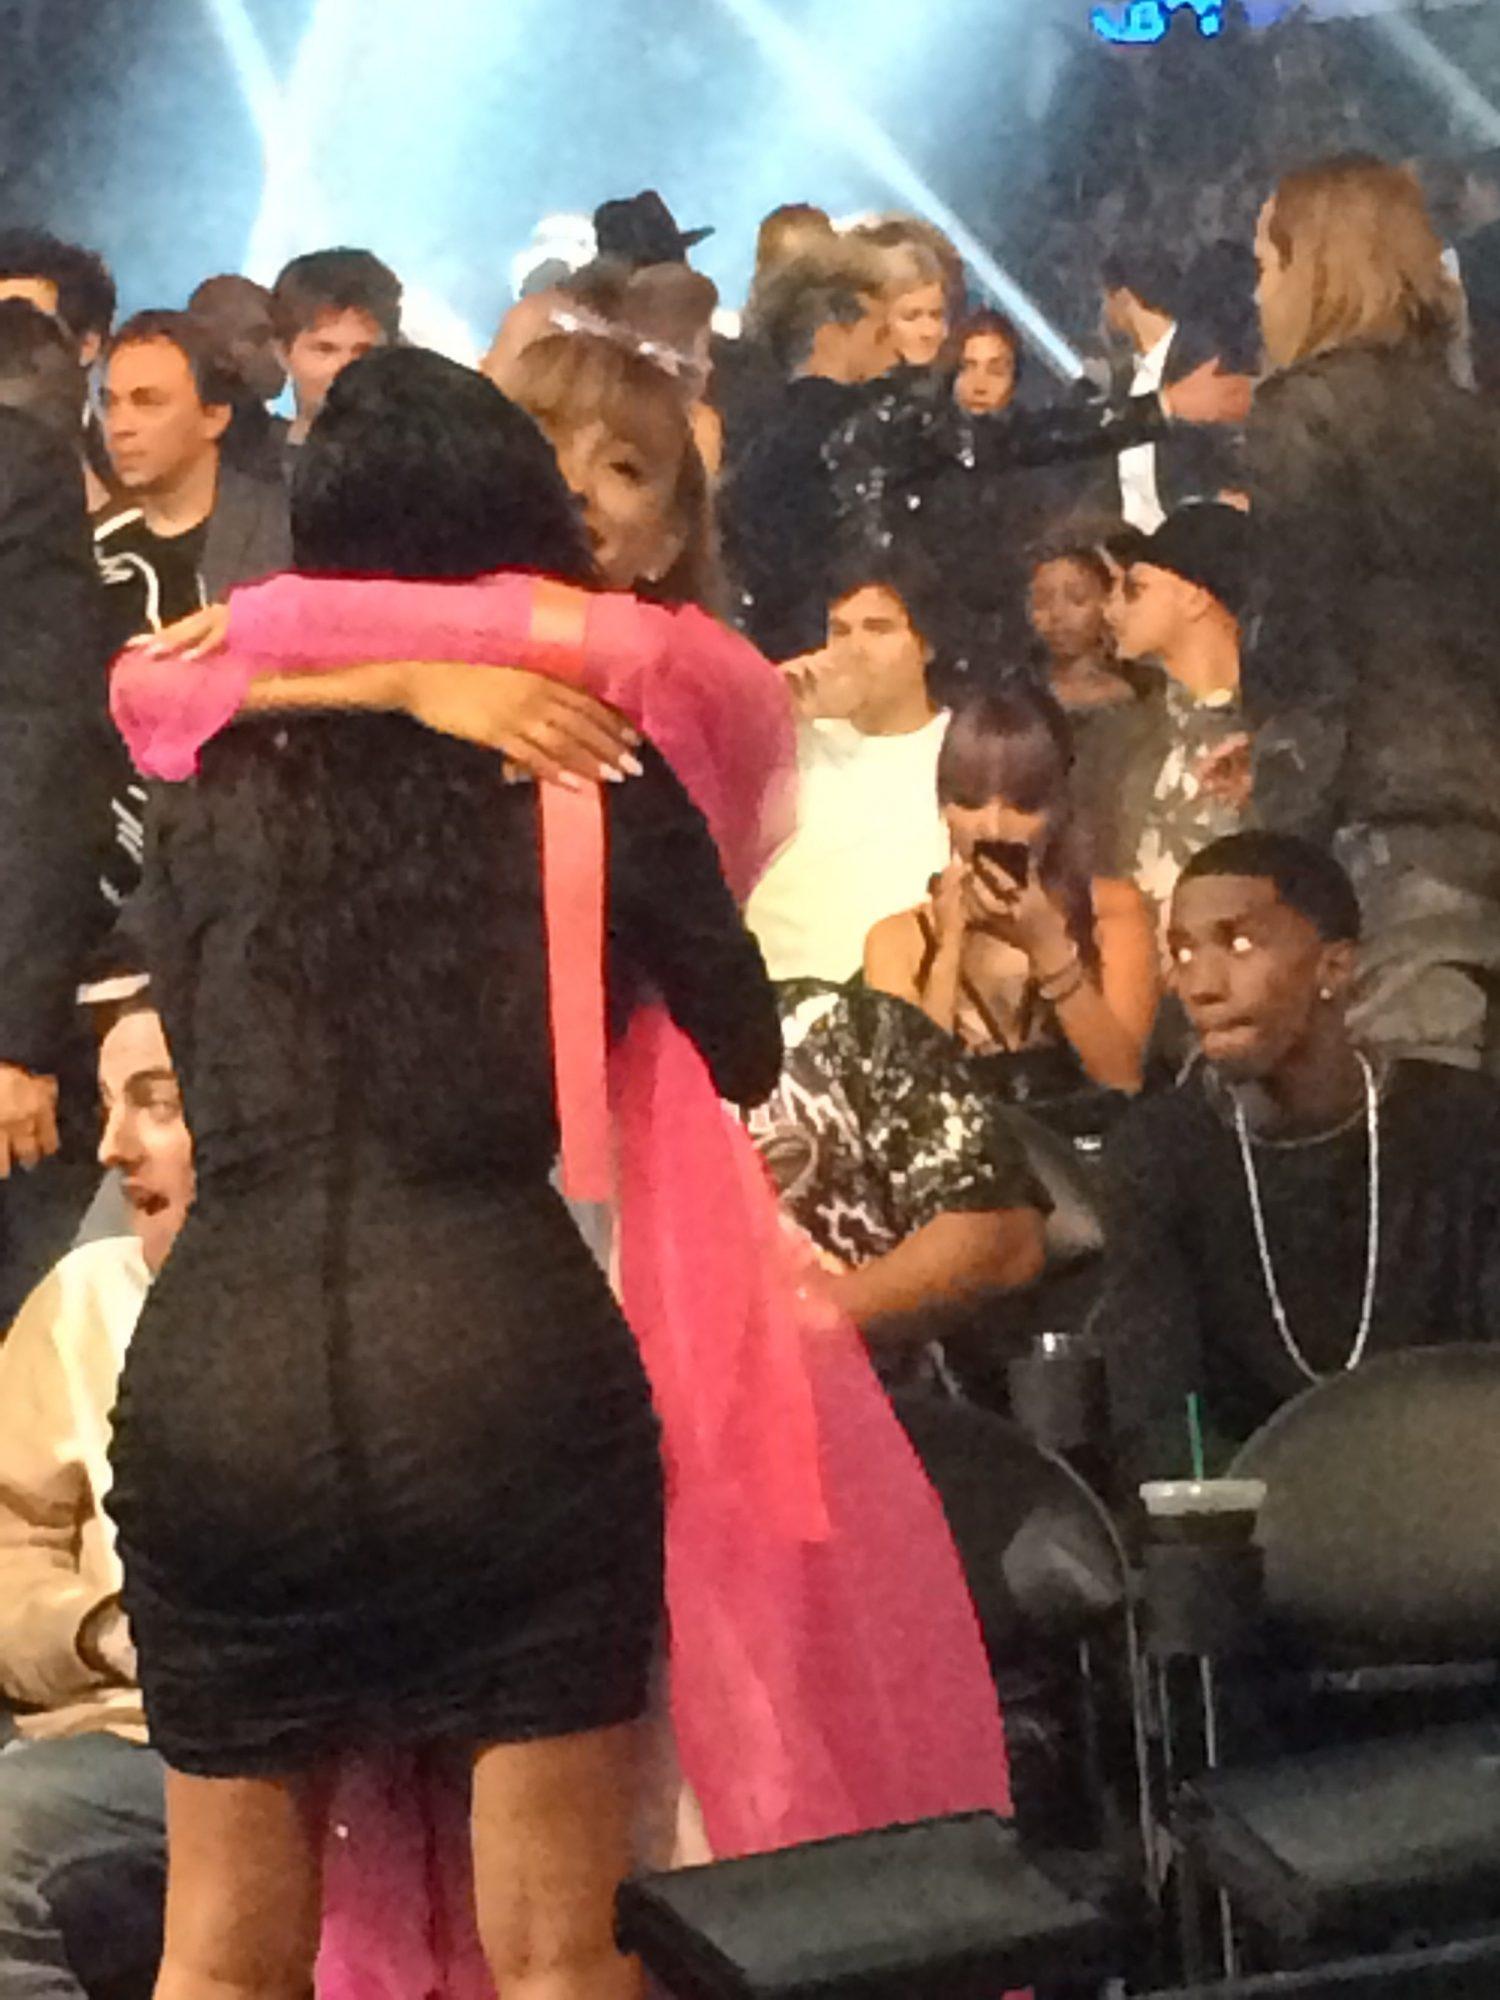 Kim Kardashian and Ariana Grande sharing a hug.